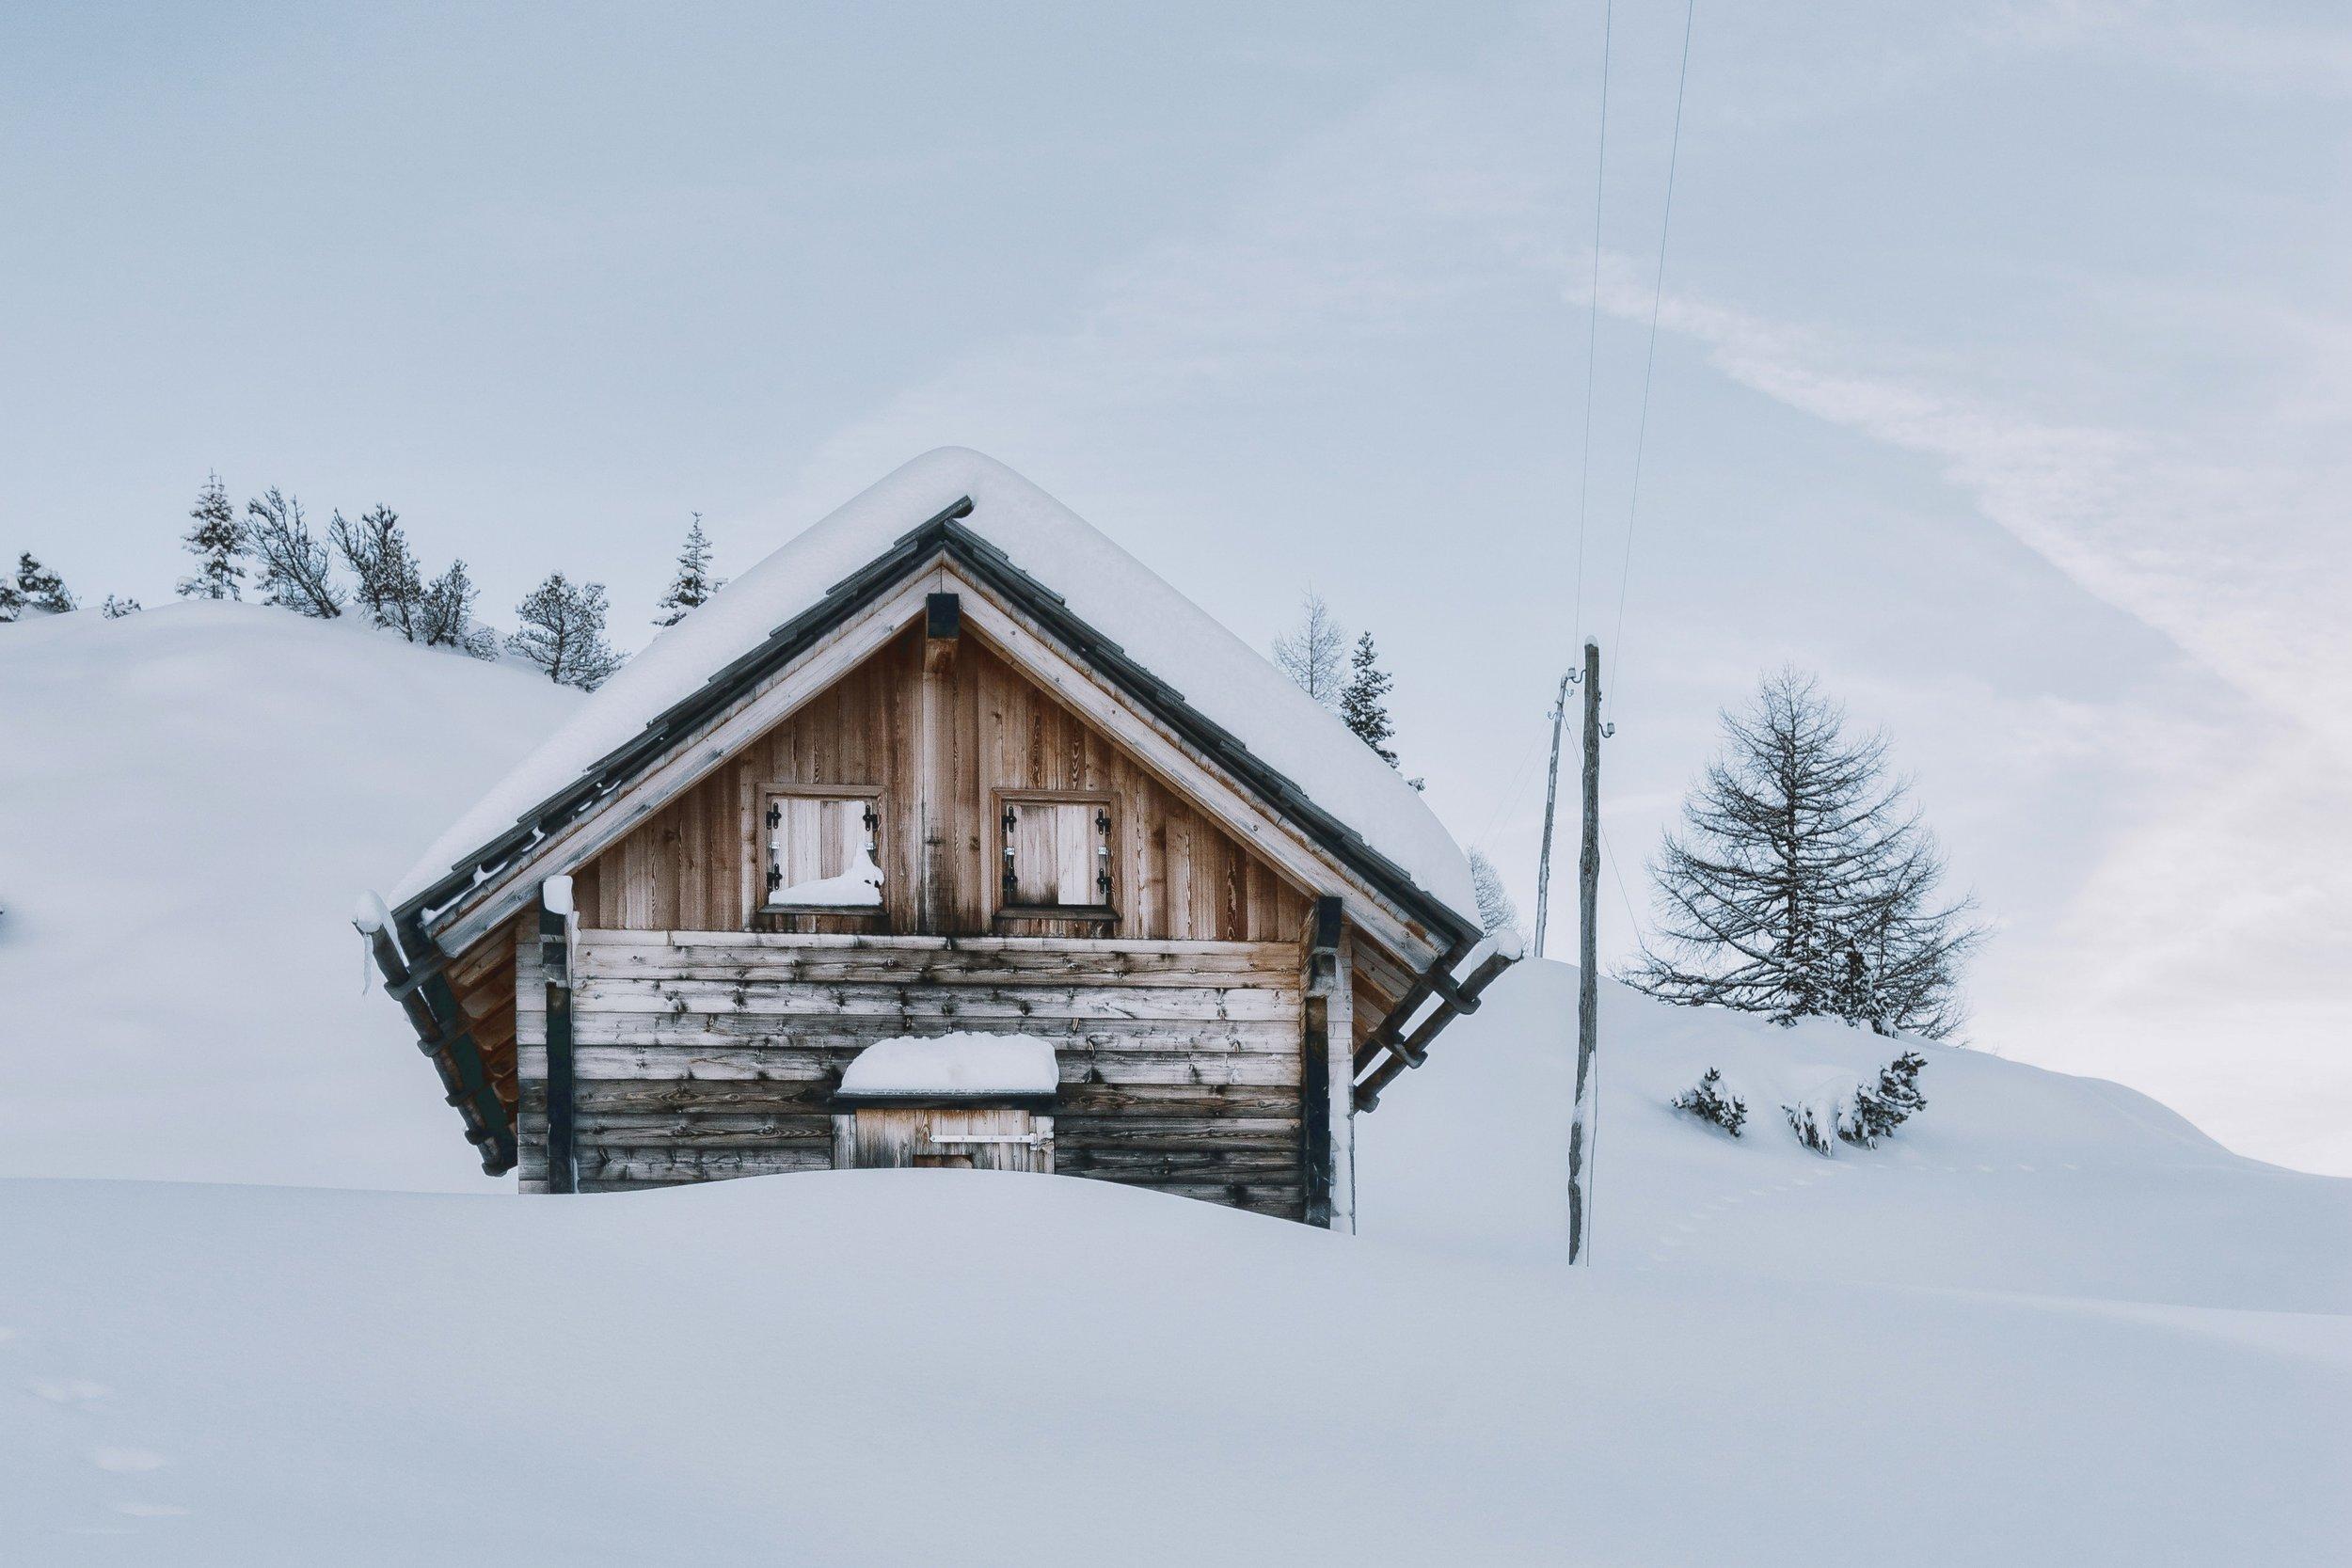 Imagine home lending energy efficiency tips